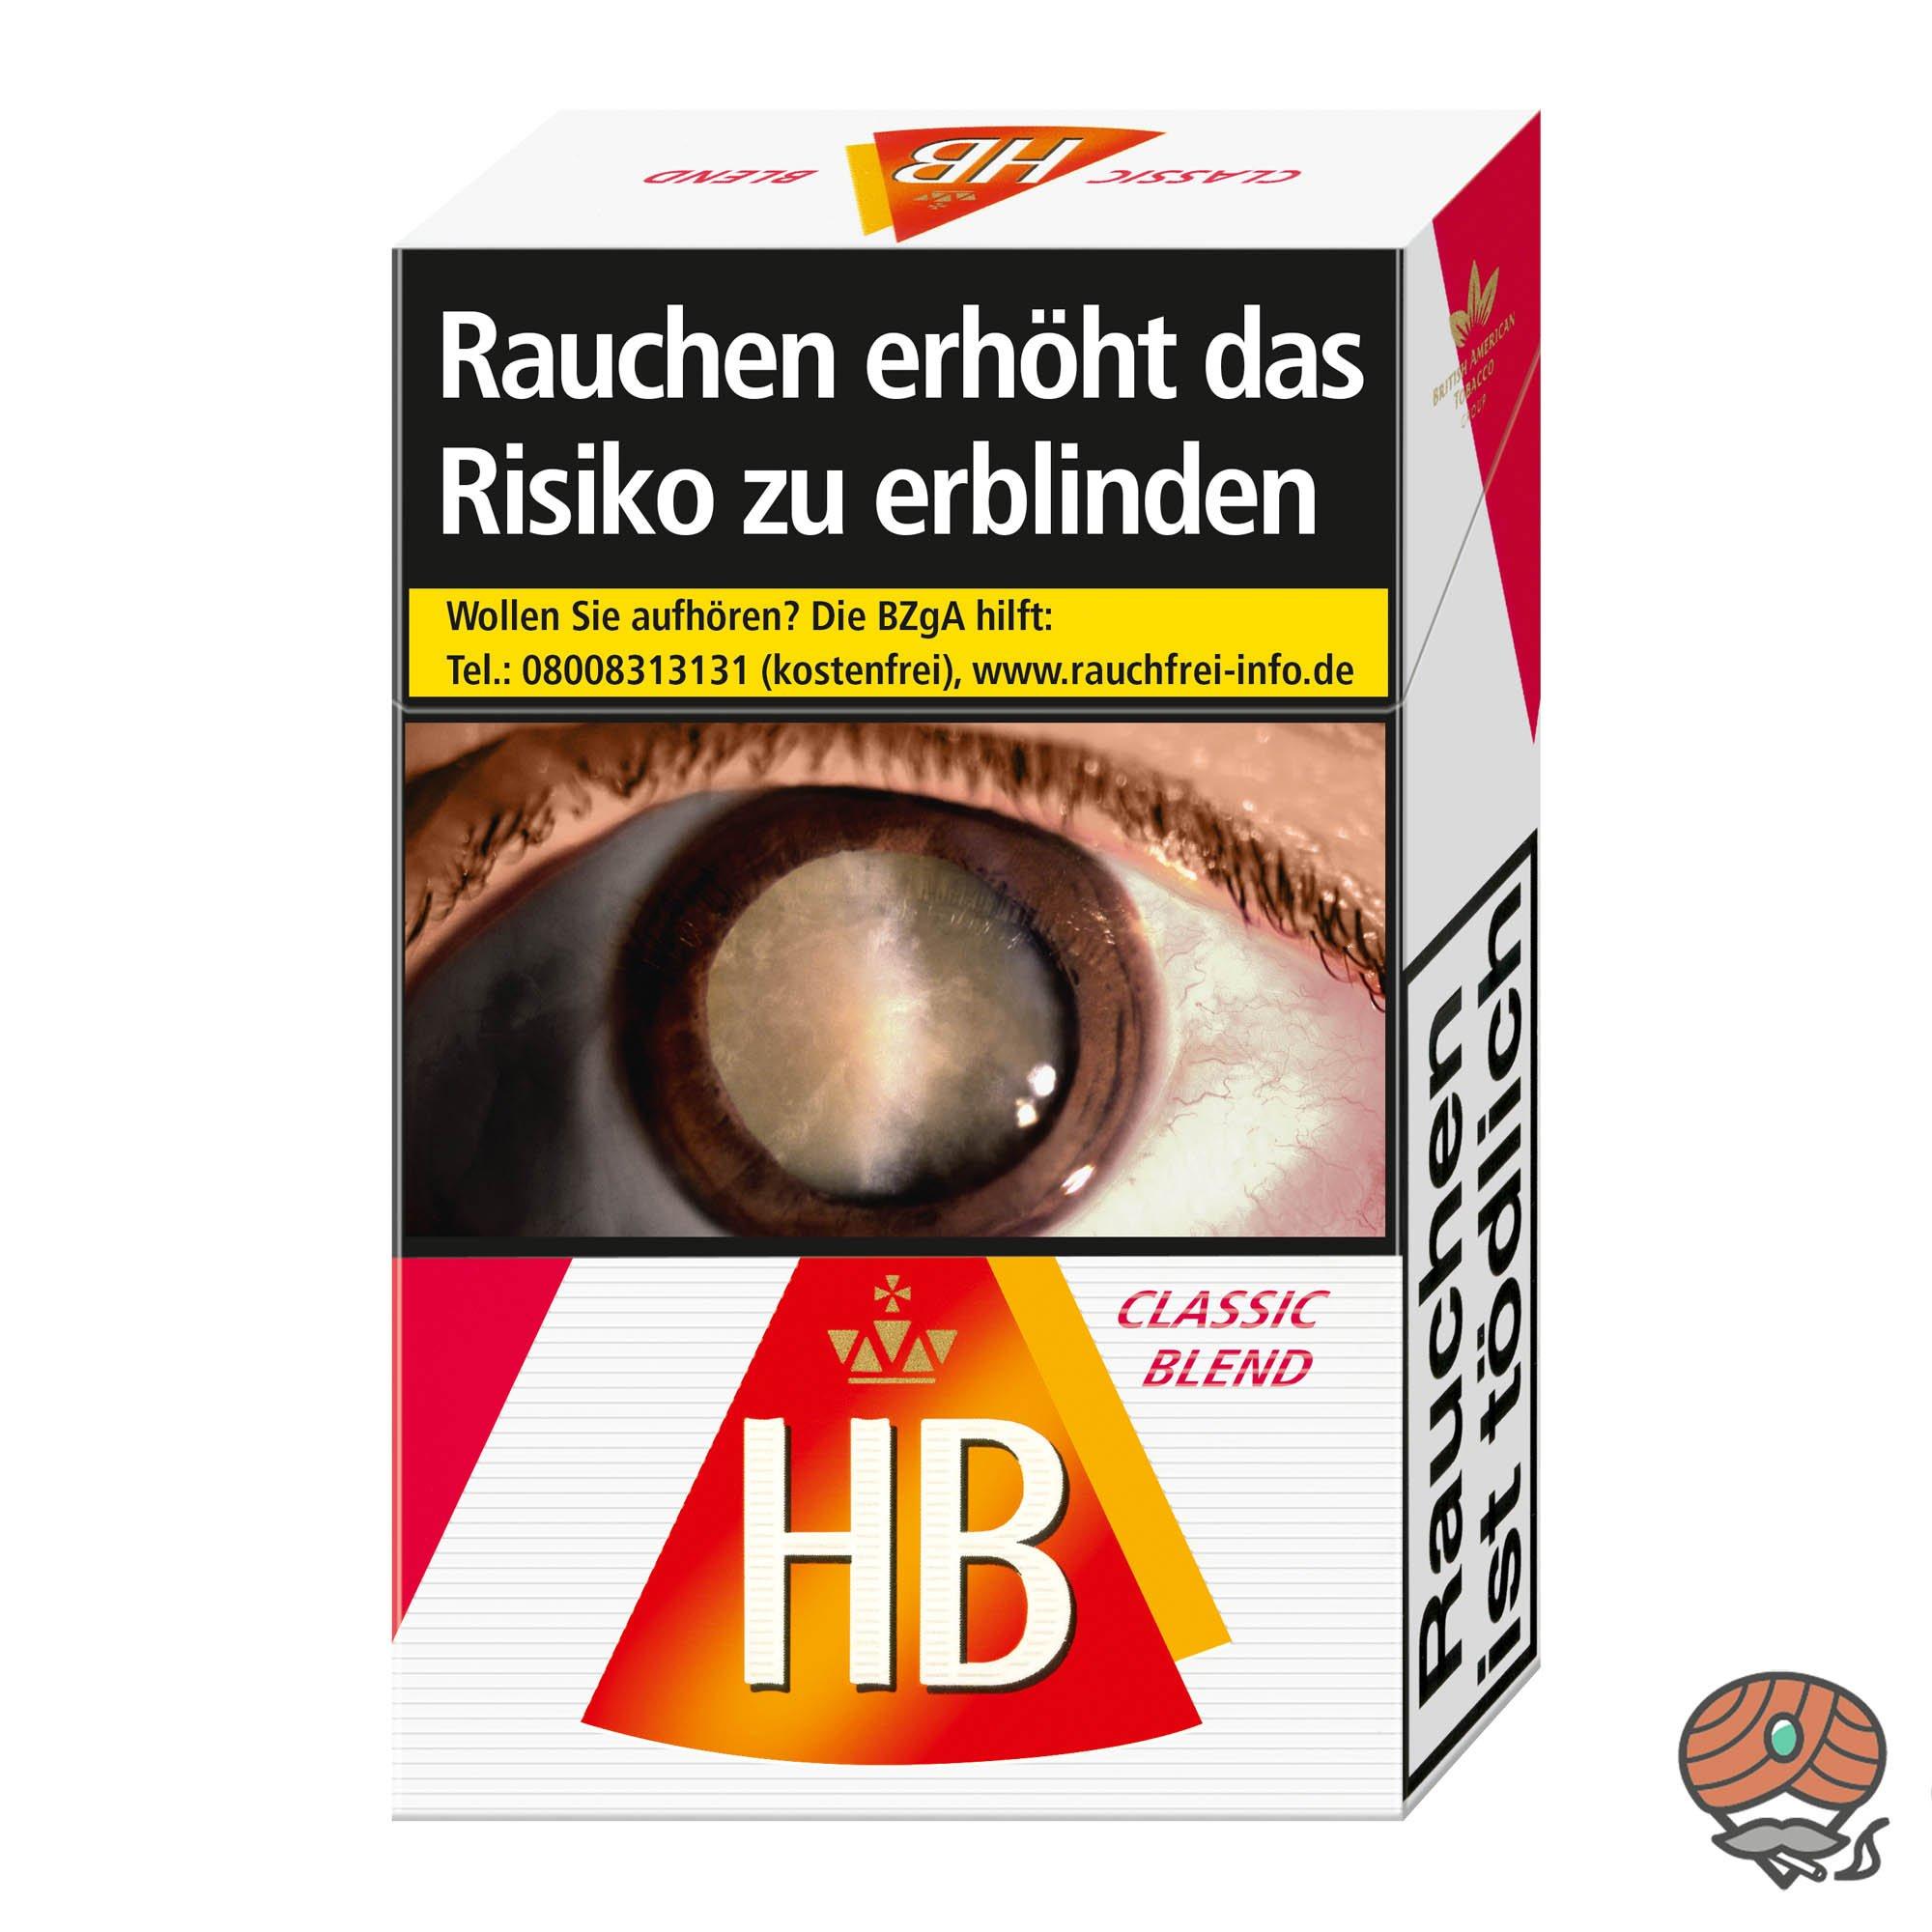 HB Classic Blend Zigaretten Inhalt 20 Stück